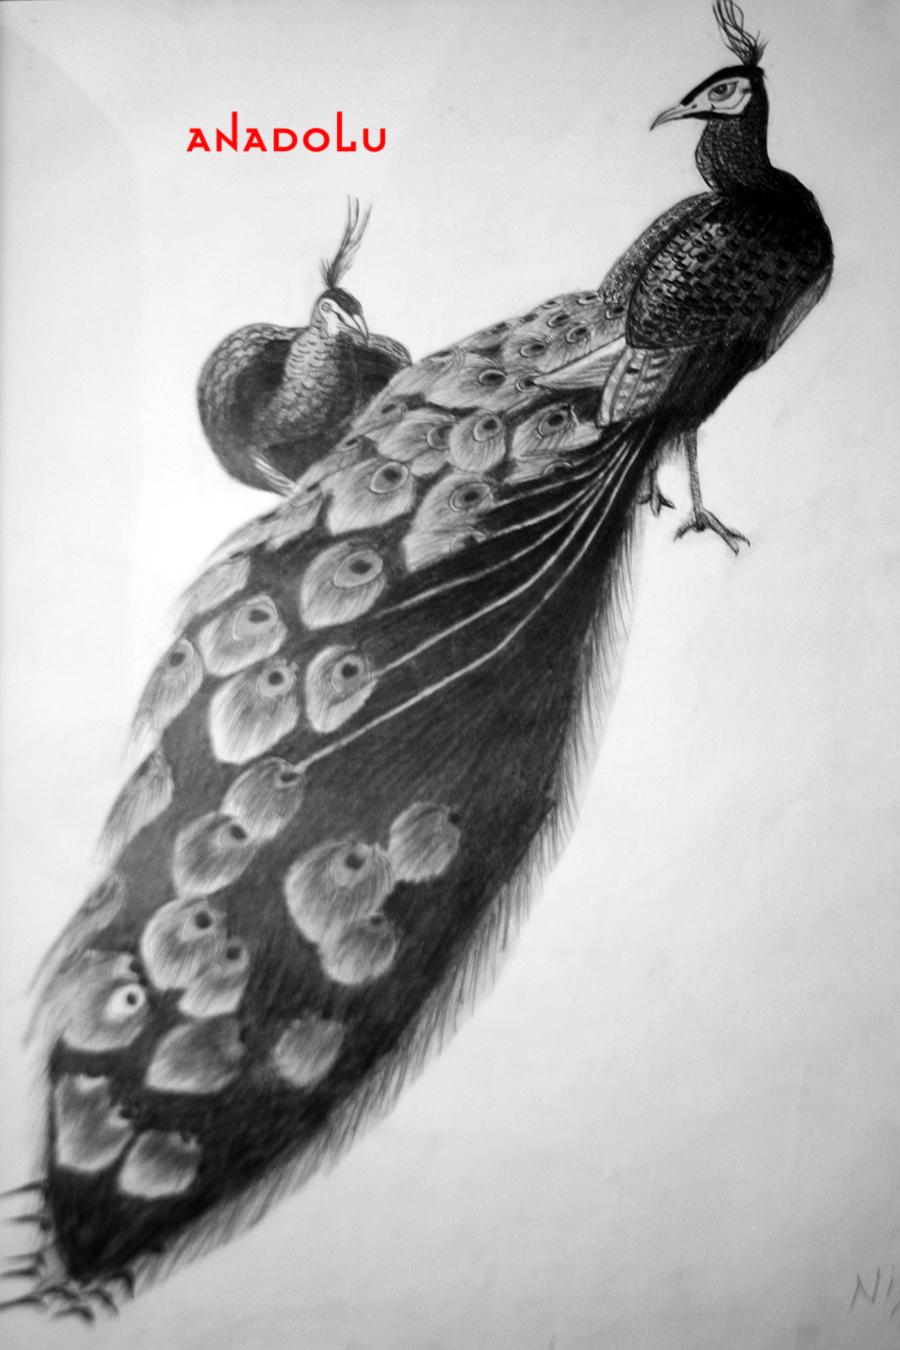 Tavuskuşu Çizimleri Çukurova